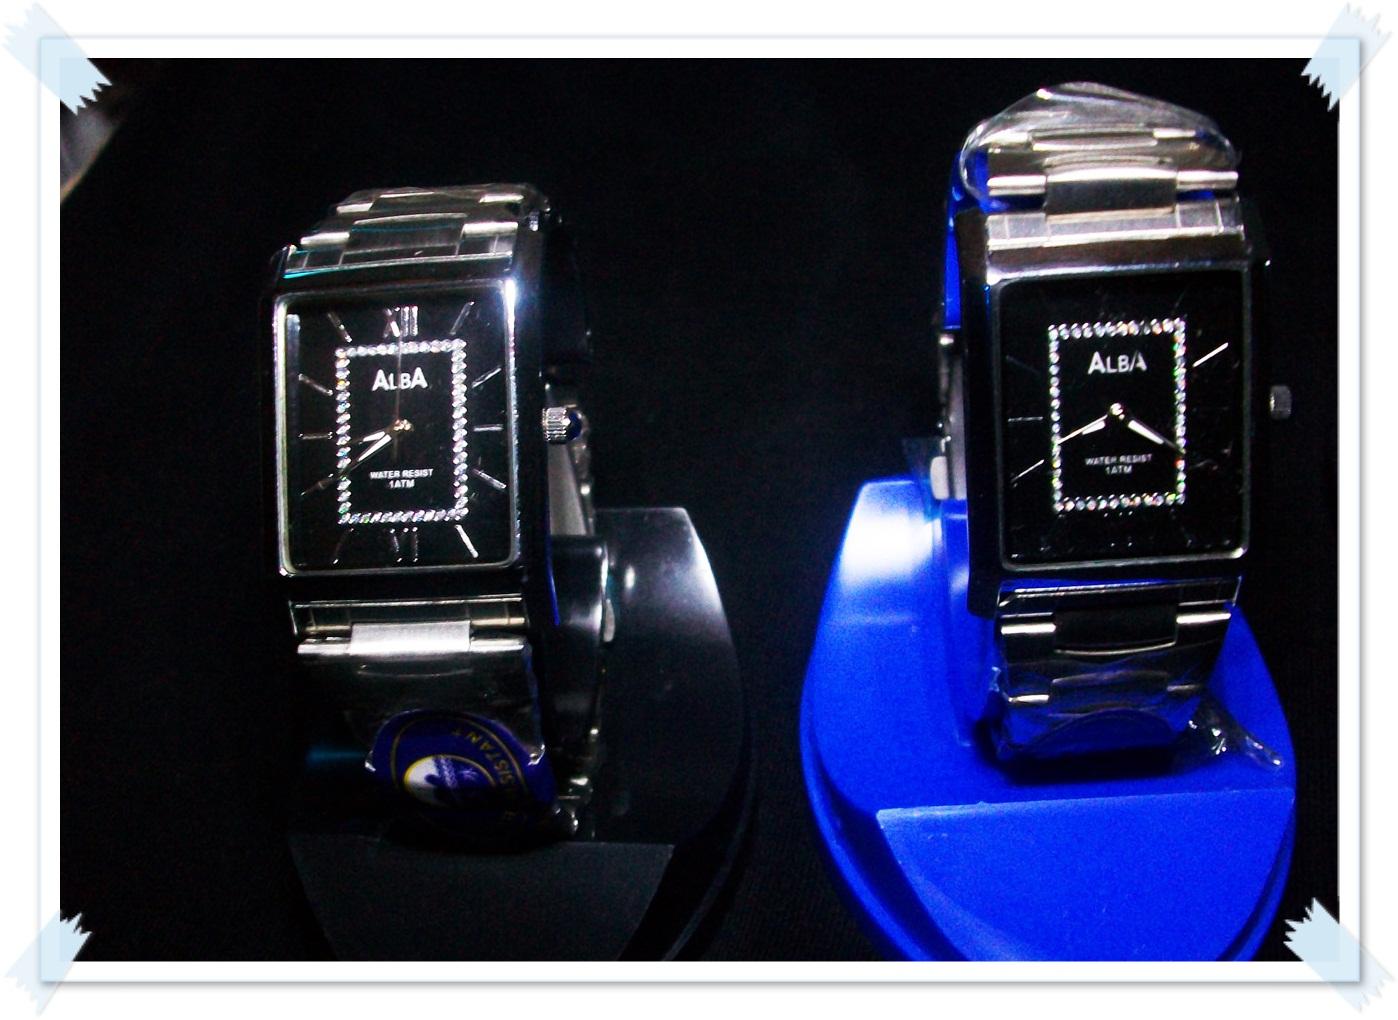 jam tangan trendy on BakuL Jam 182: jam tangan wanita ALBA